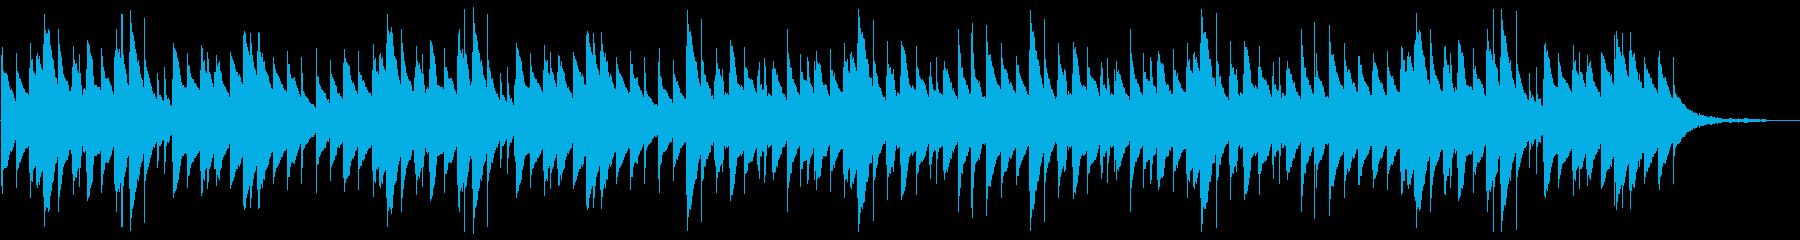 悲しい旋律のオルゴールの再生済みの波形